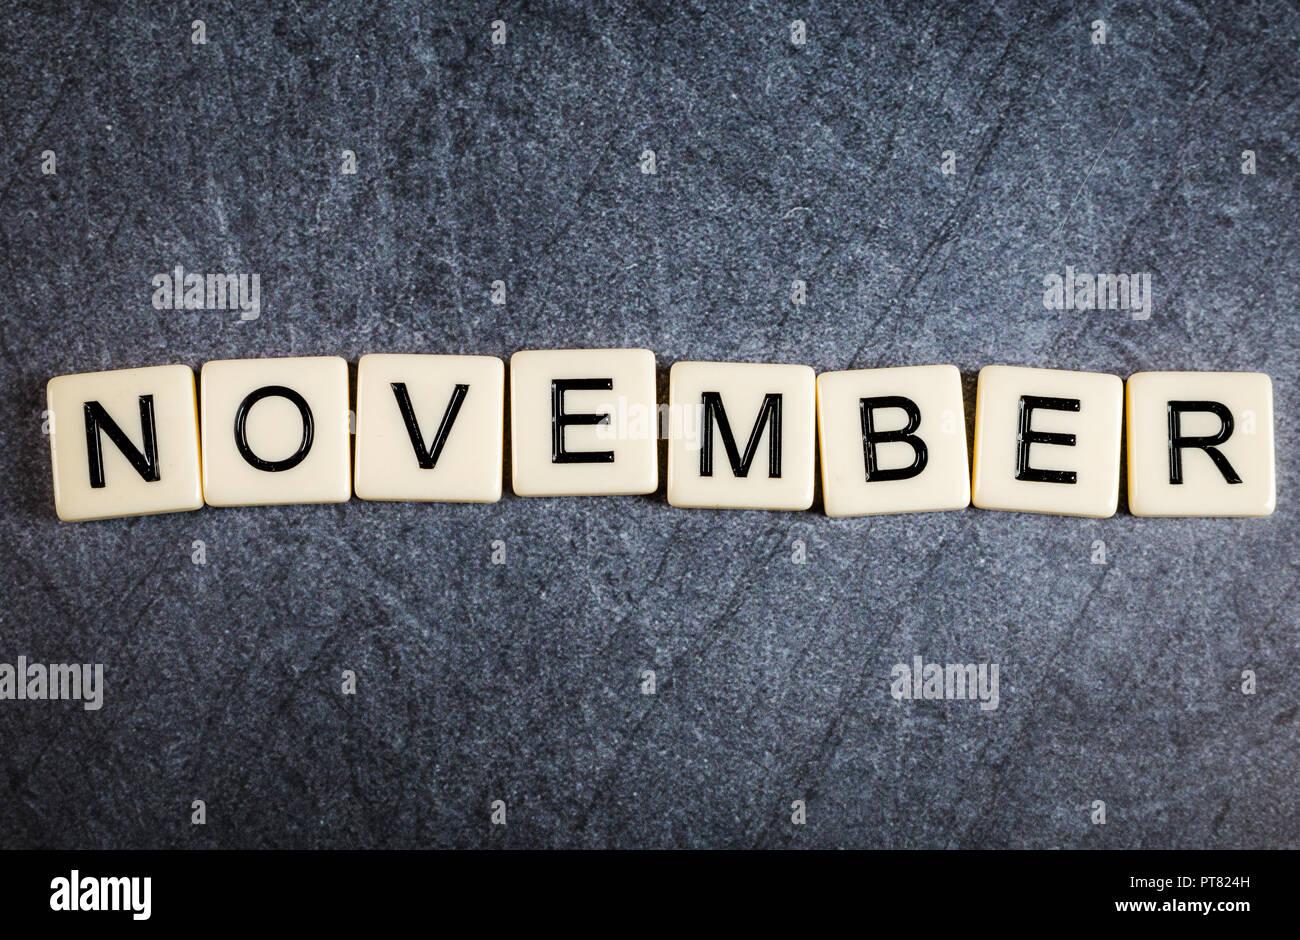 Letter tiles on black slate background spelling November